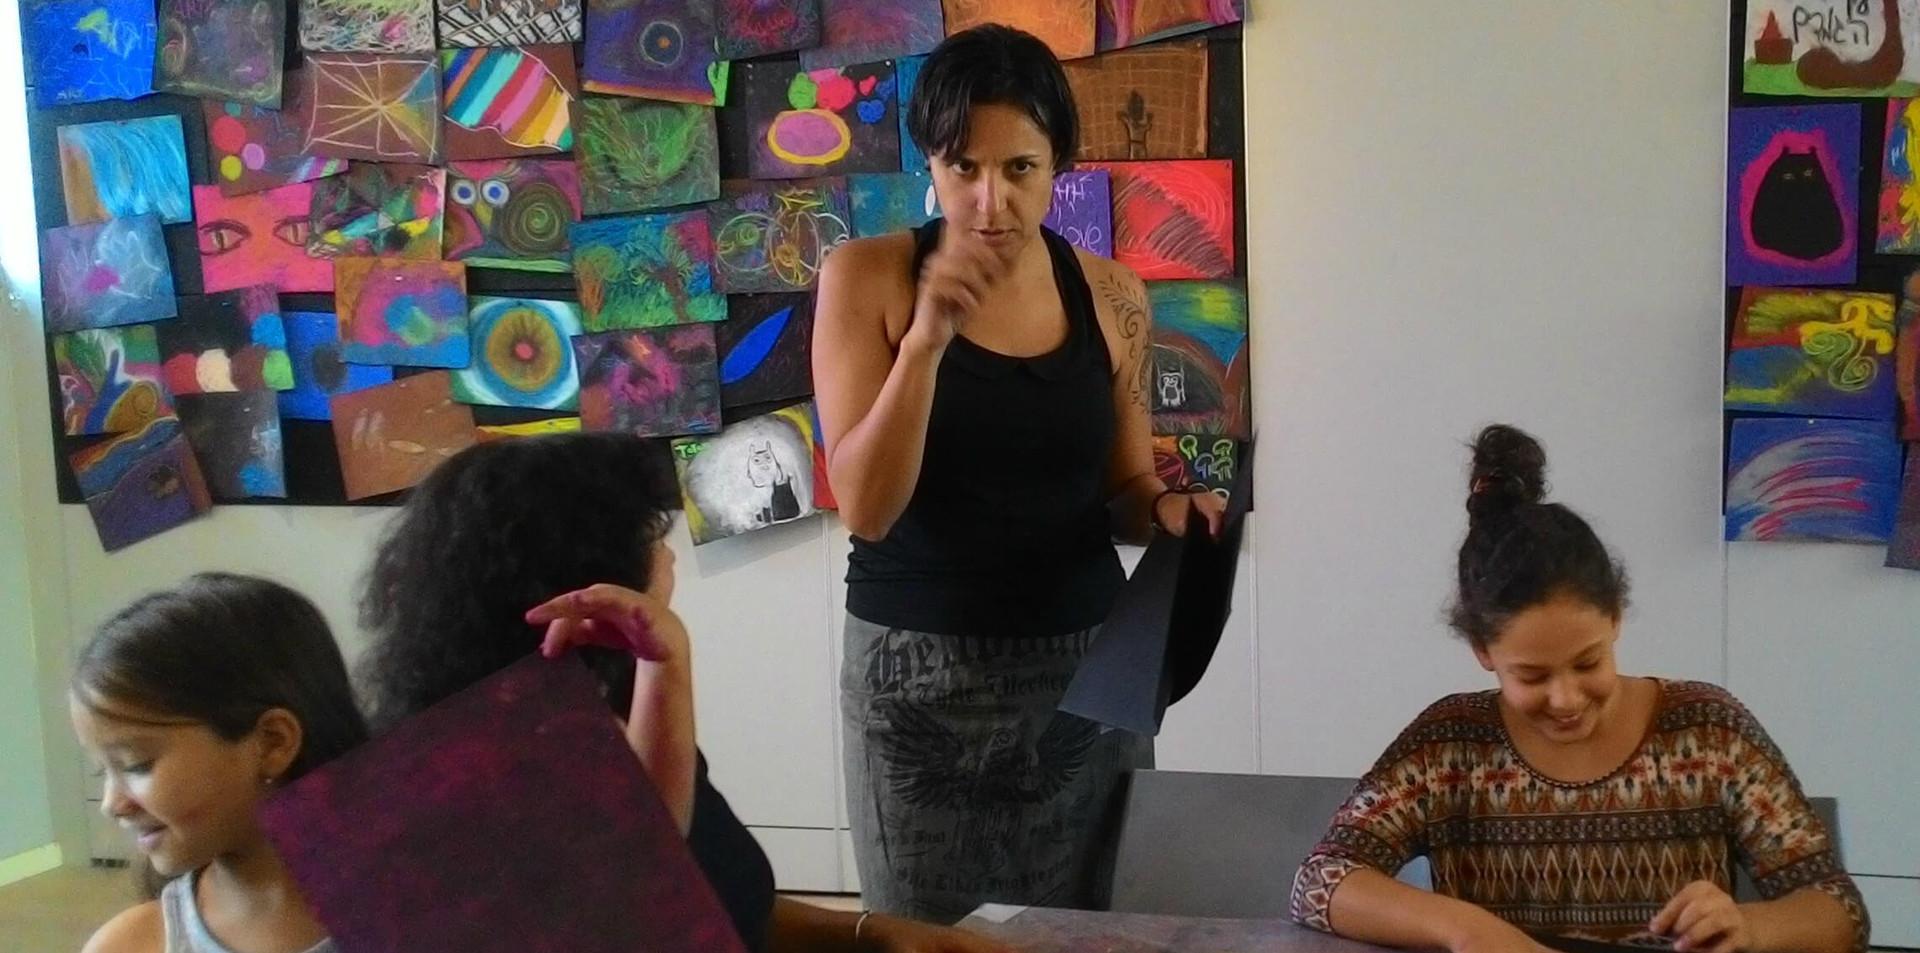 מיכל רביב מדריכת ציור אינטואיטיבי